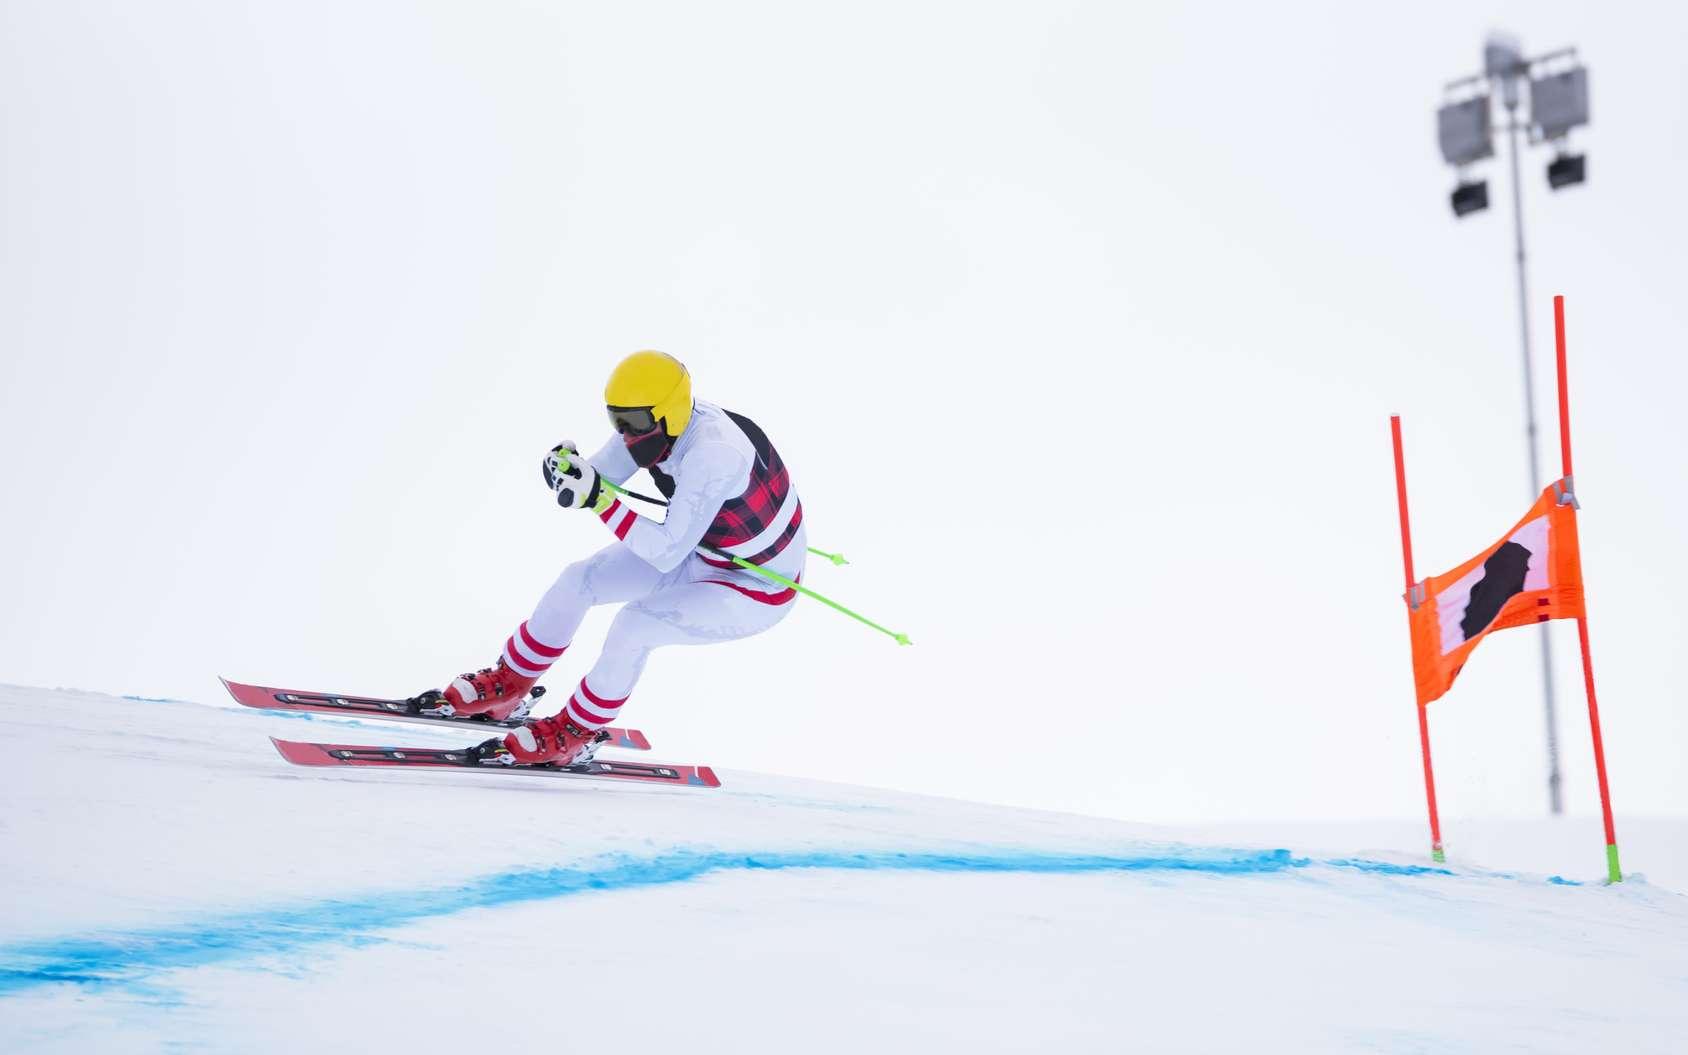 Sur des pentes extrêmes, les skieurs les plus rapides dépassent les 250 km/h. © Nikokvfrmoto, fotolia